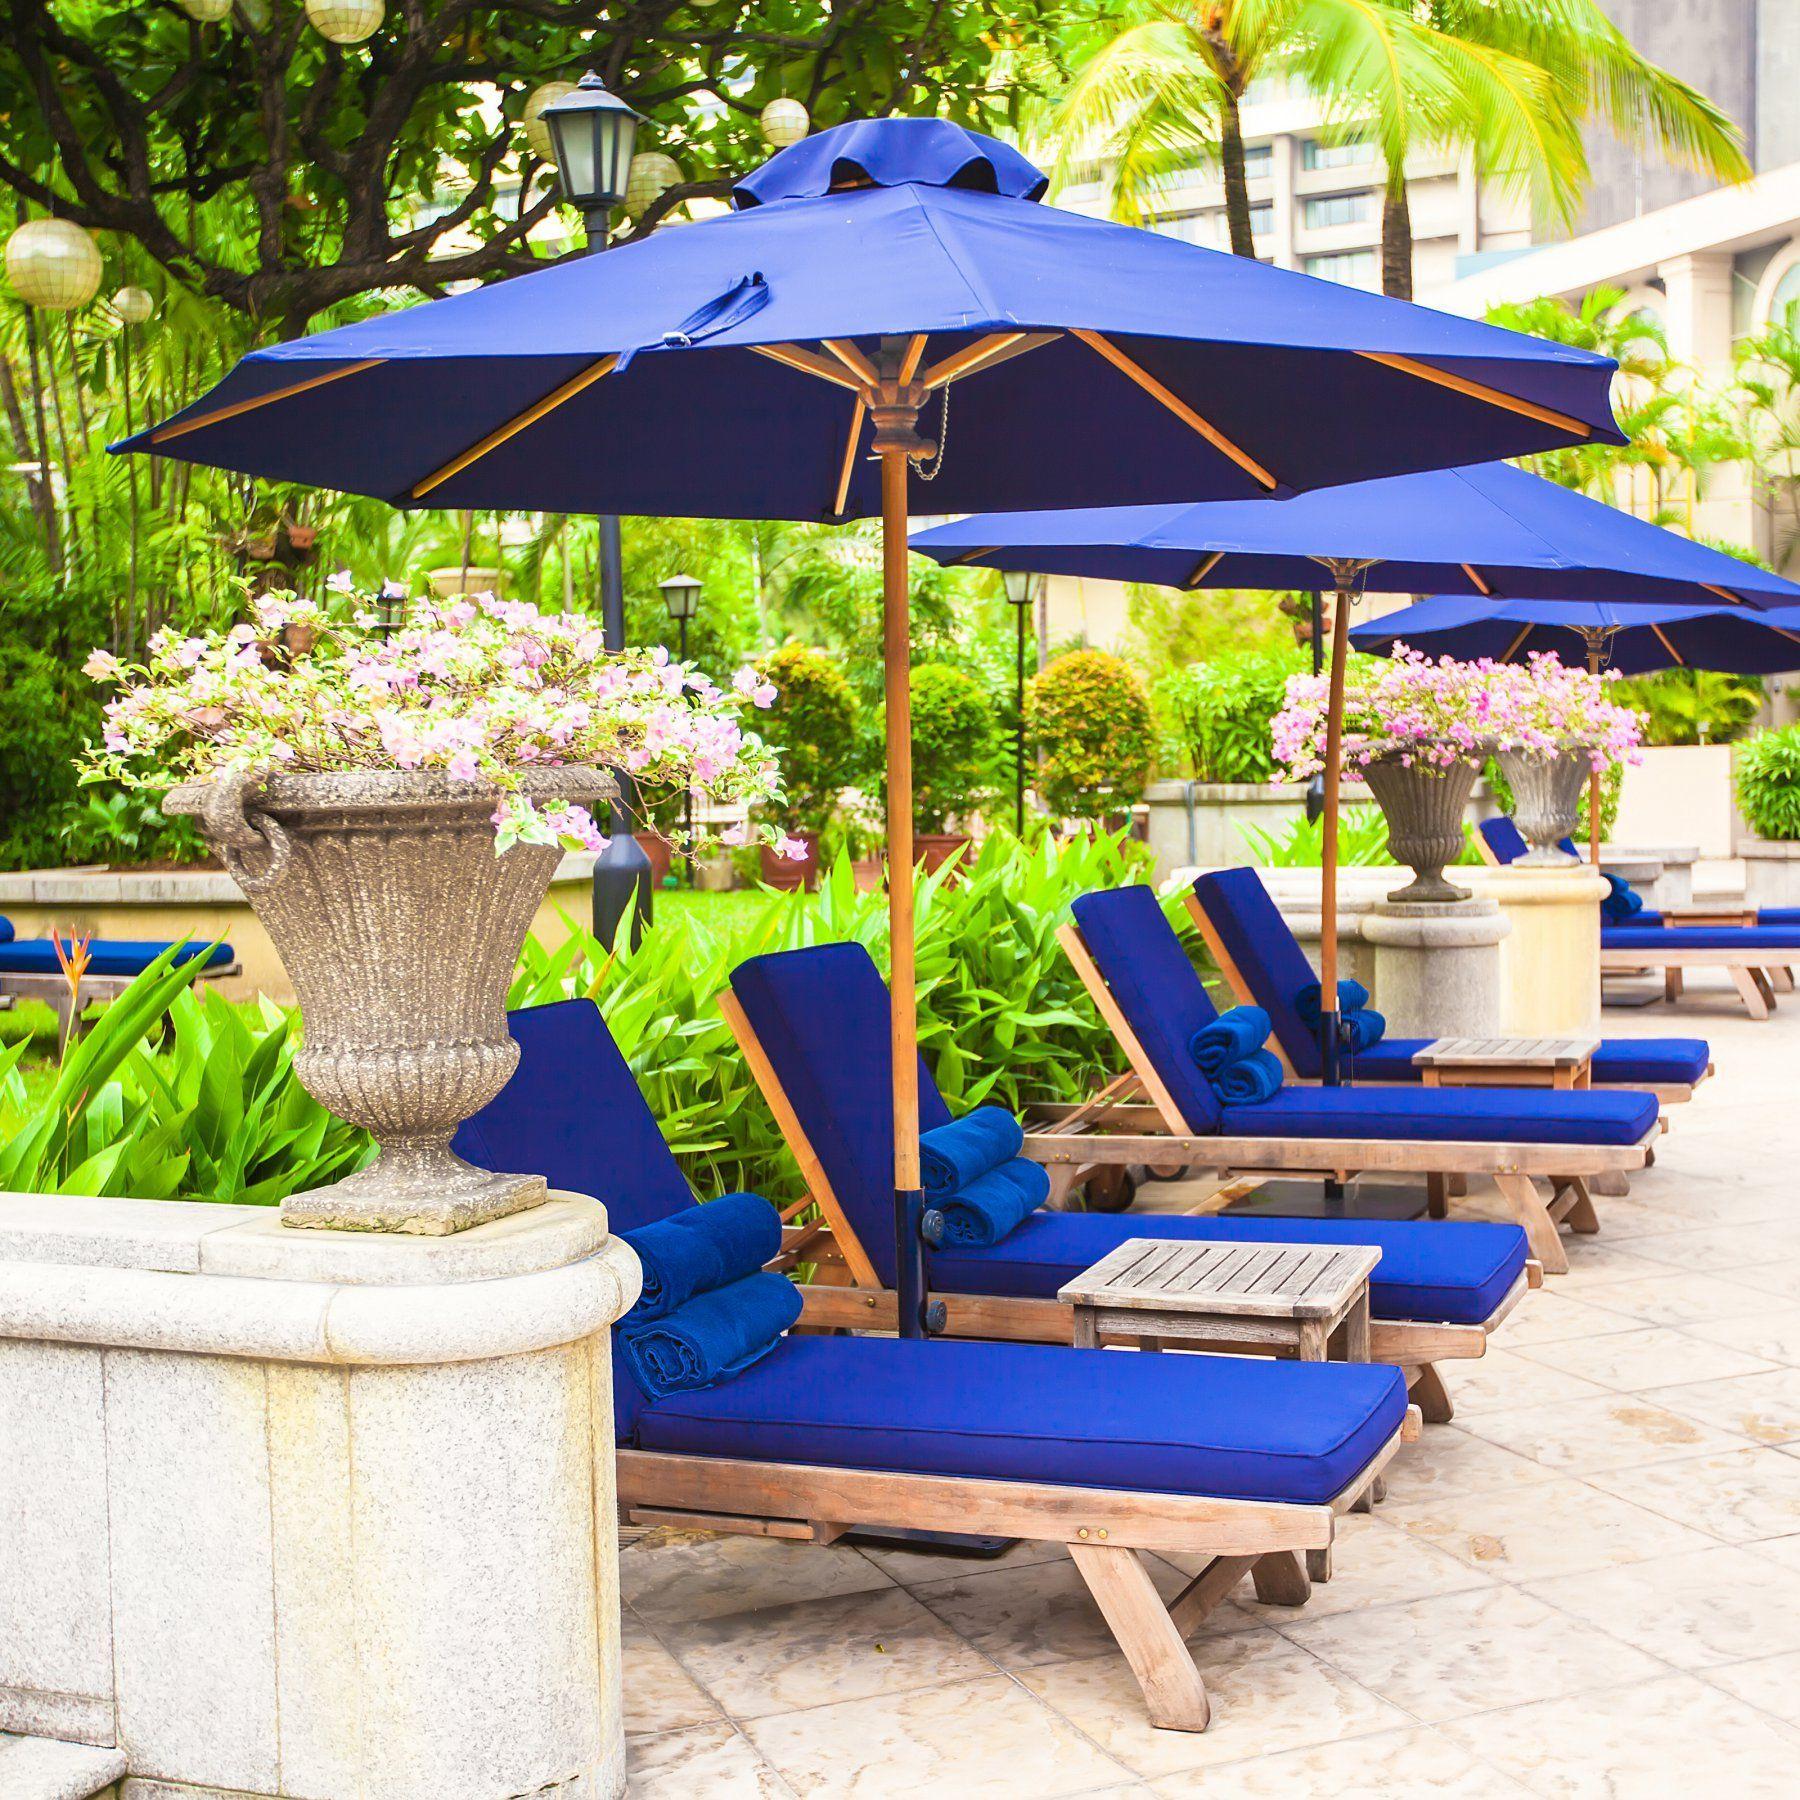 Outdoor Umbrella Galtech 9 Ft Commercial Grade Patio Umbrella